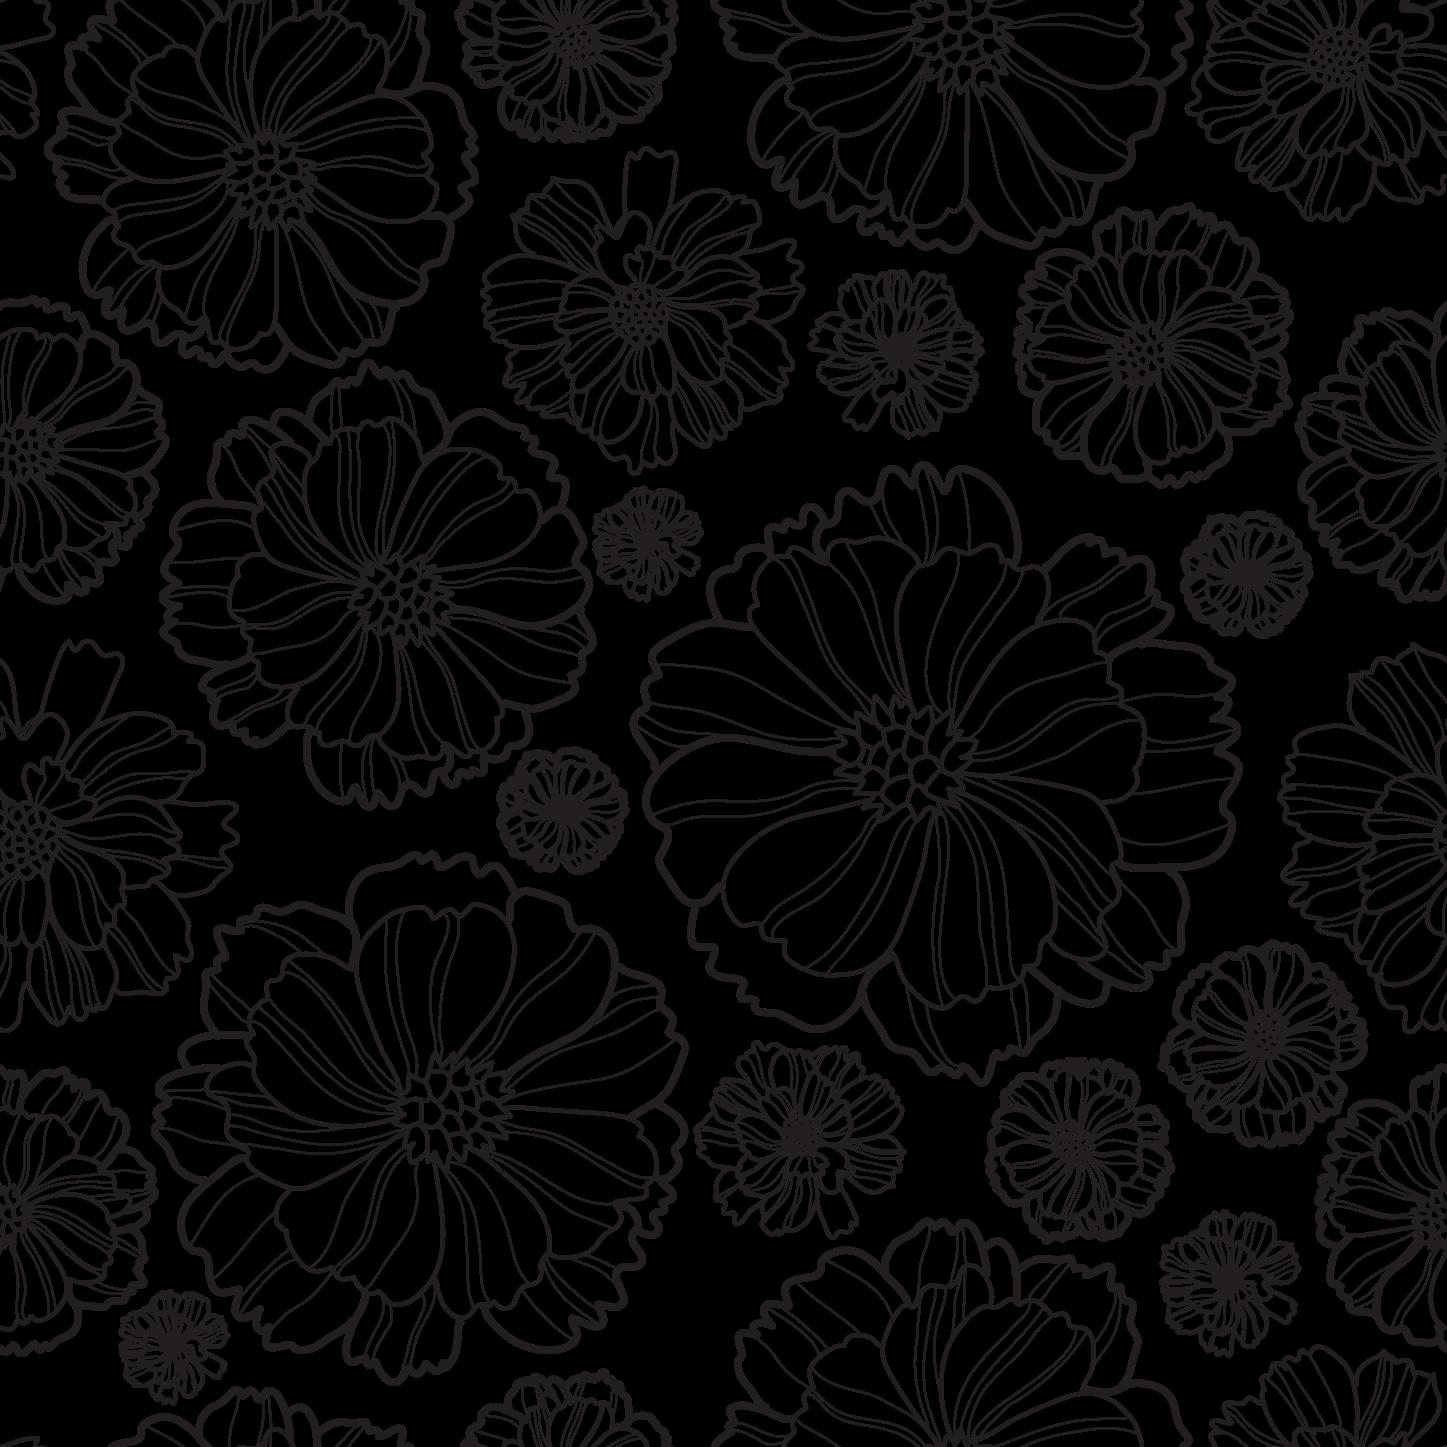 Черно-белые картинки цветов для распечатки